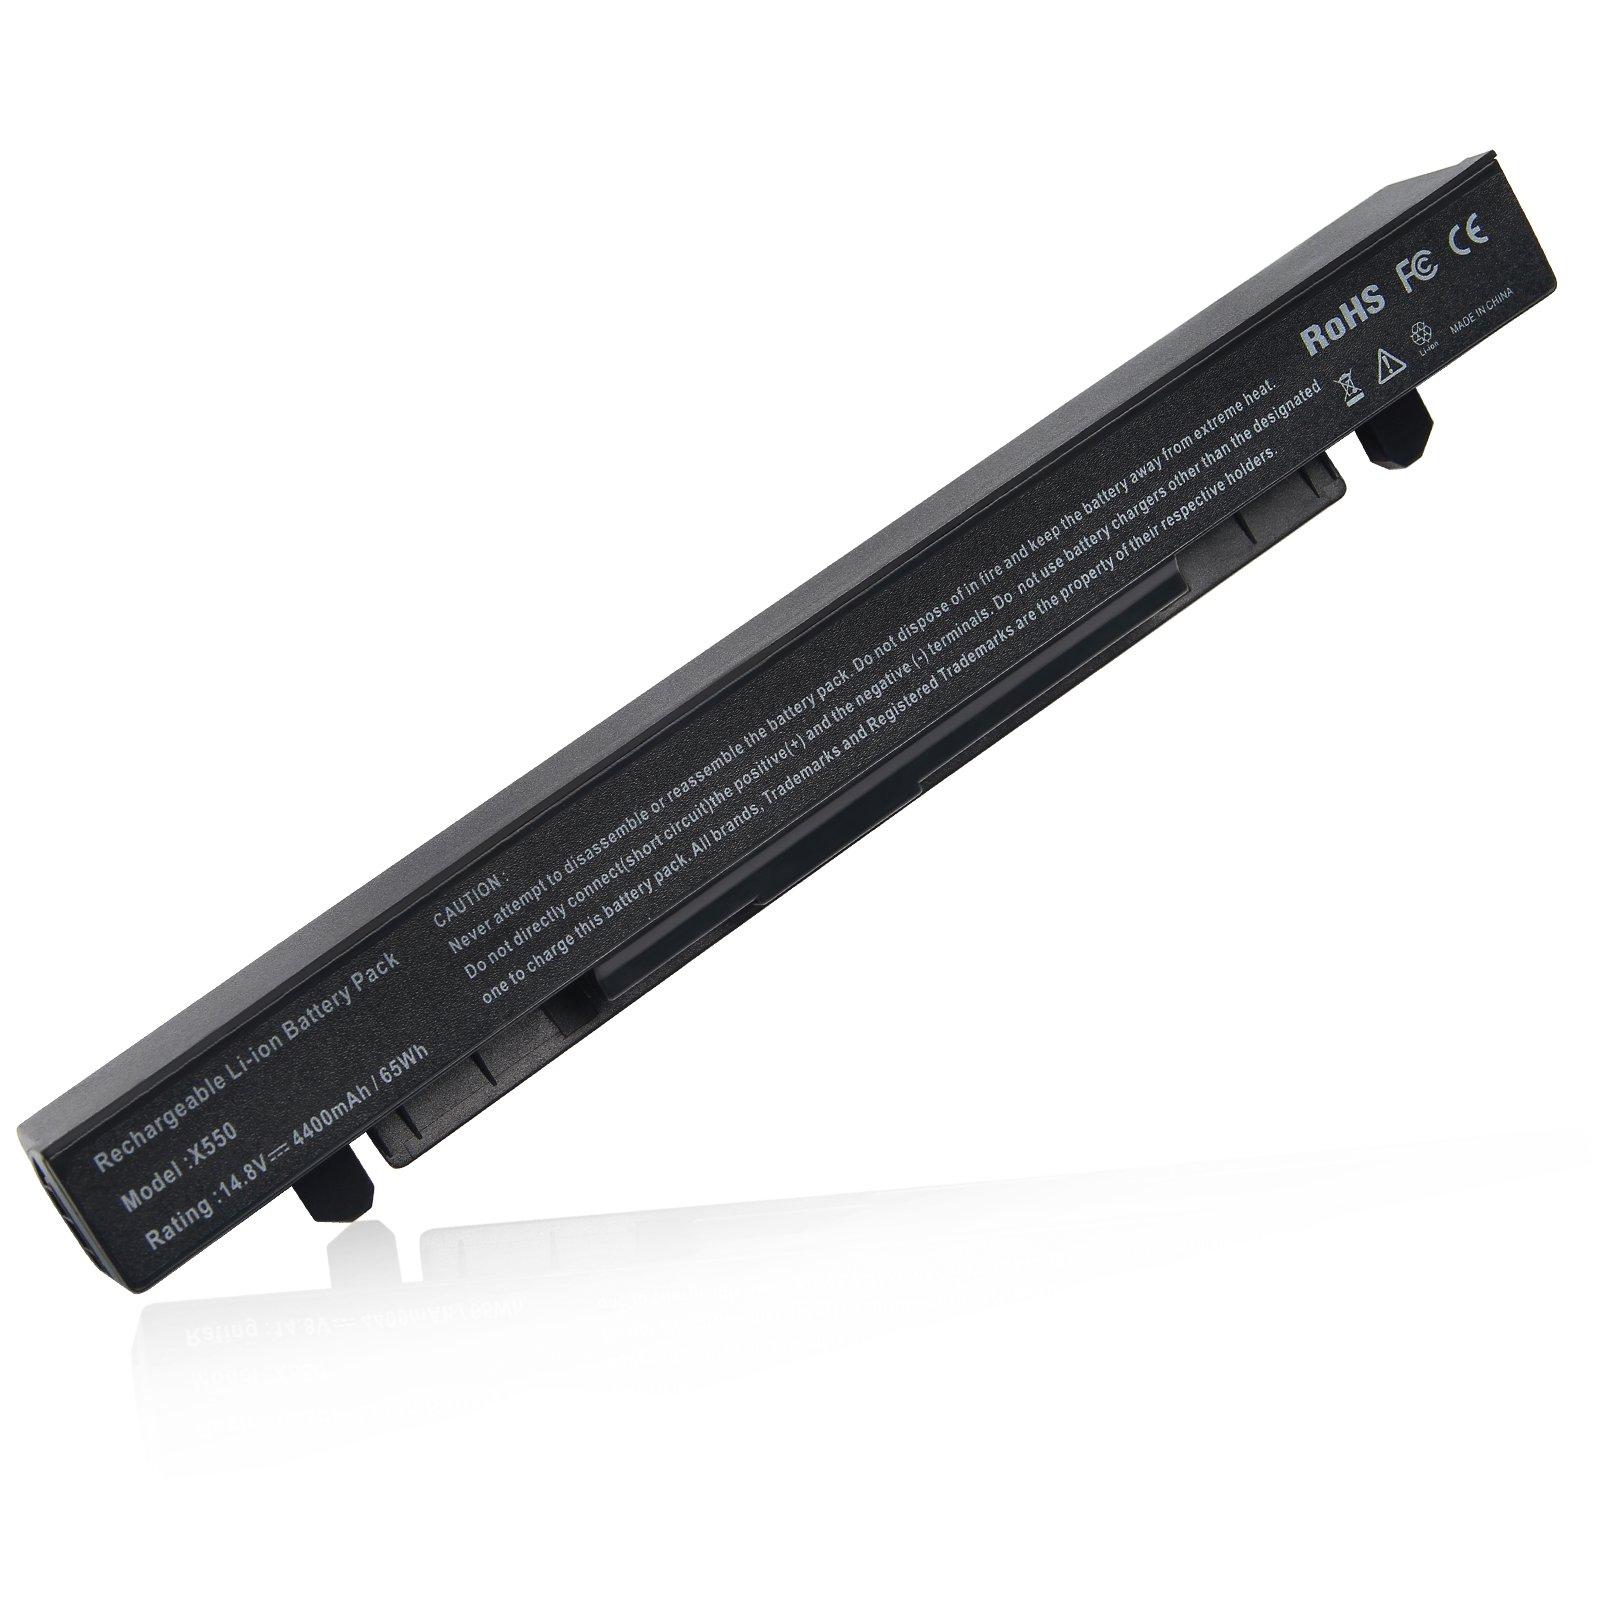 Bateria 8 Celdas para ASUS X550 Series X550A X550B X550C Series X550CA Series Asus A41-X550A X550 X550C R510C X550A X550